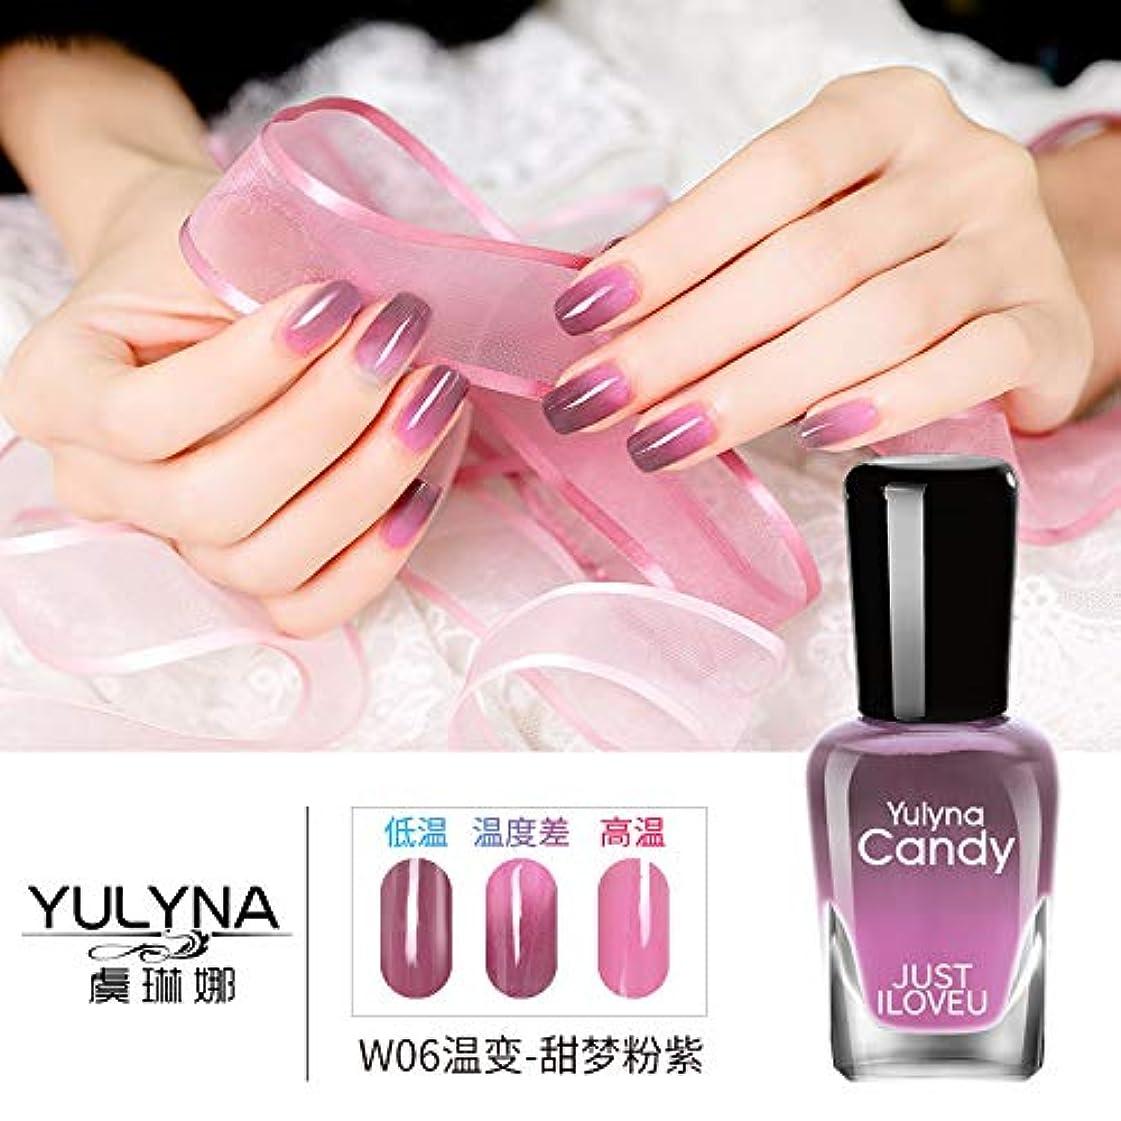 メジャー建築家インシュレータ油性温度変化マニキュア卸売Unpeelable耐久性と速乾性7(ml)7 ml Sweet Dream Pink-W06 2パック